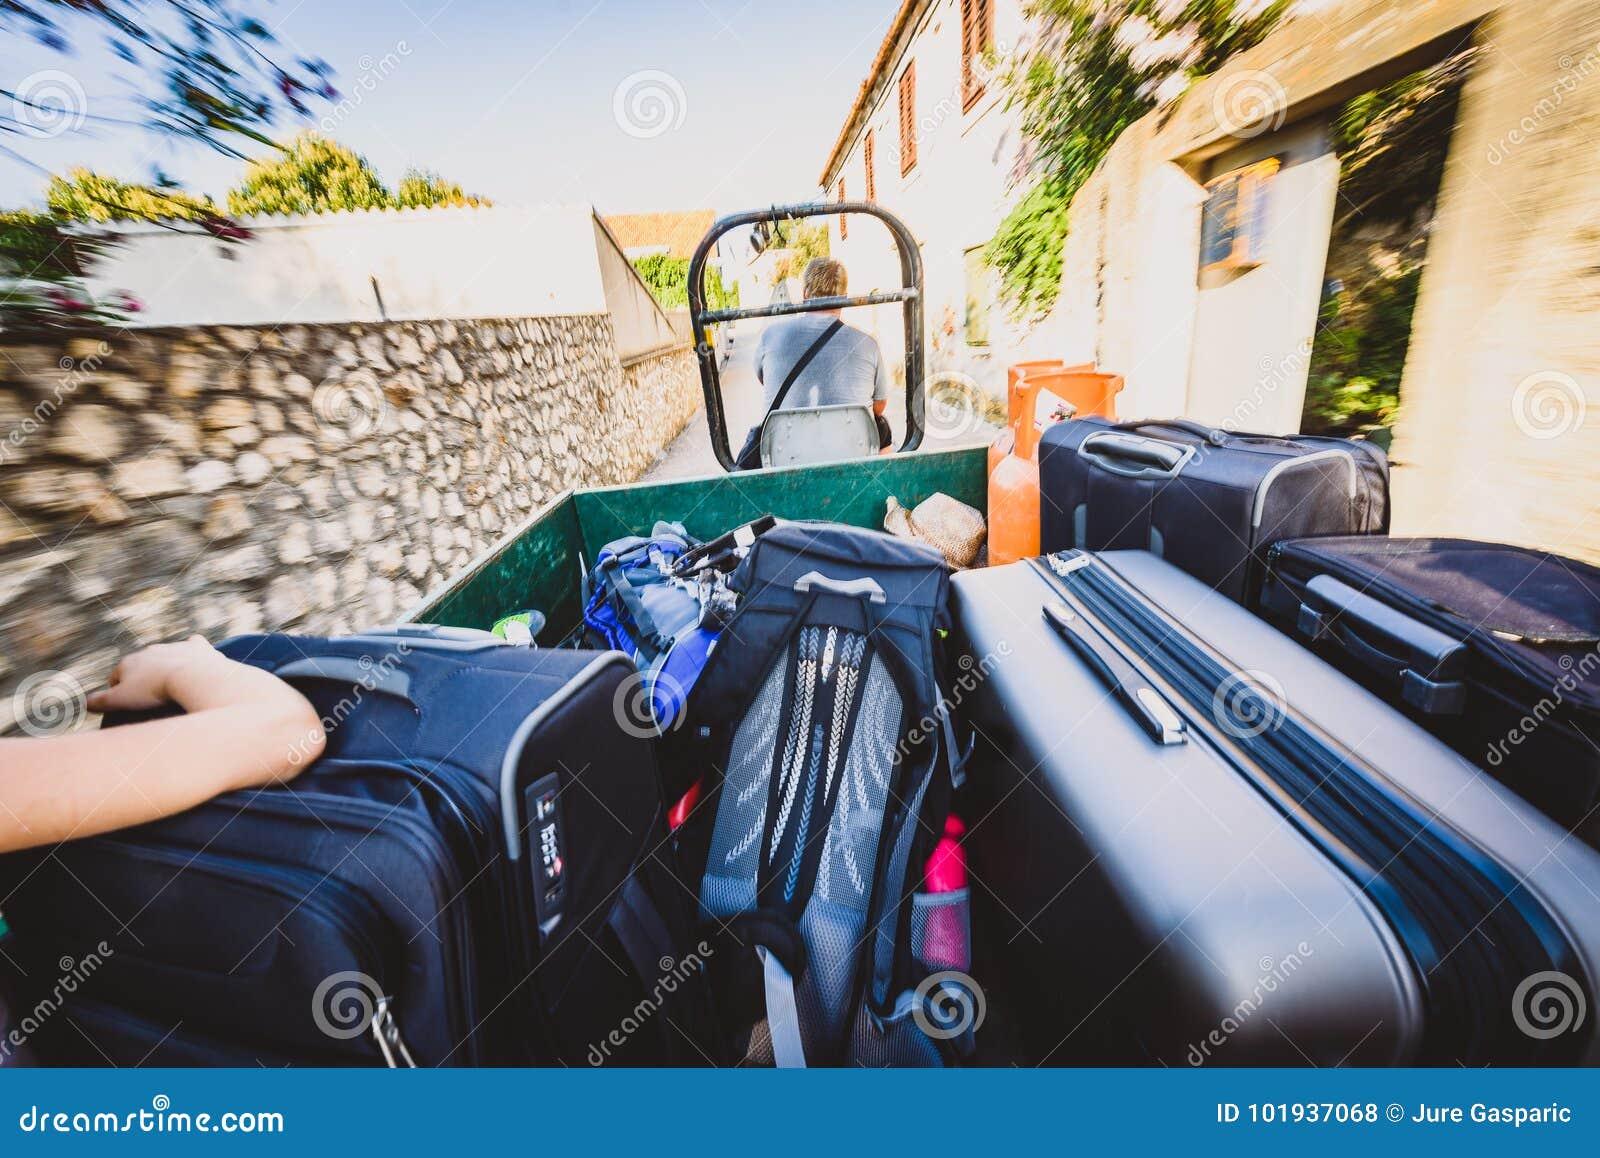 Rodzinna jazda ciągnikowa przyczepa z walizkami i bagażem